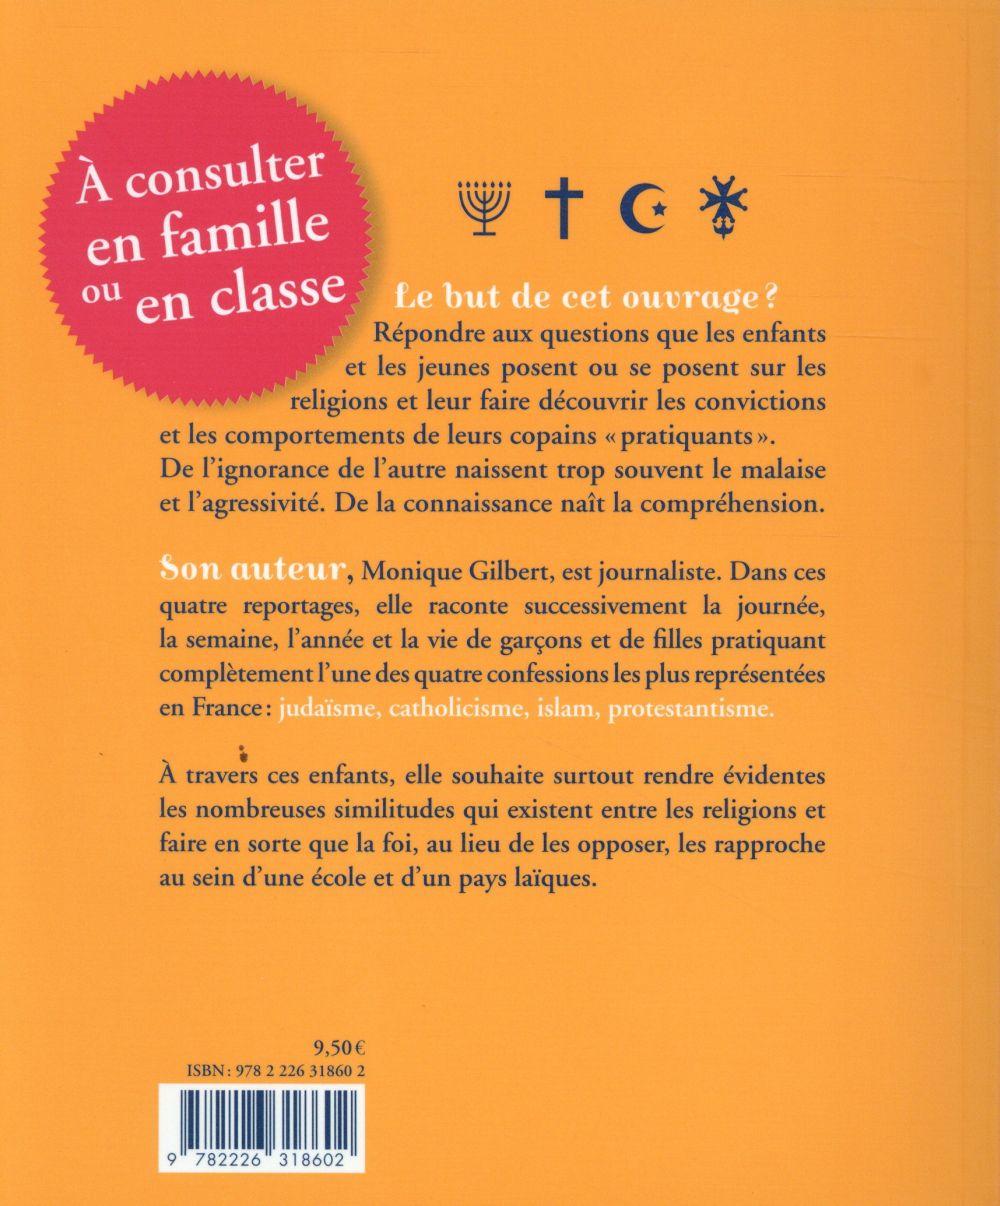 Il était plusieurs foi ; pour répondre aux questions des enfants sur les religions (édition 2015)